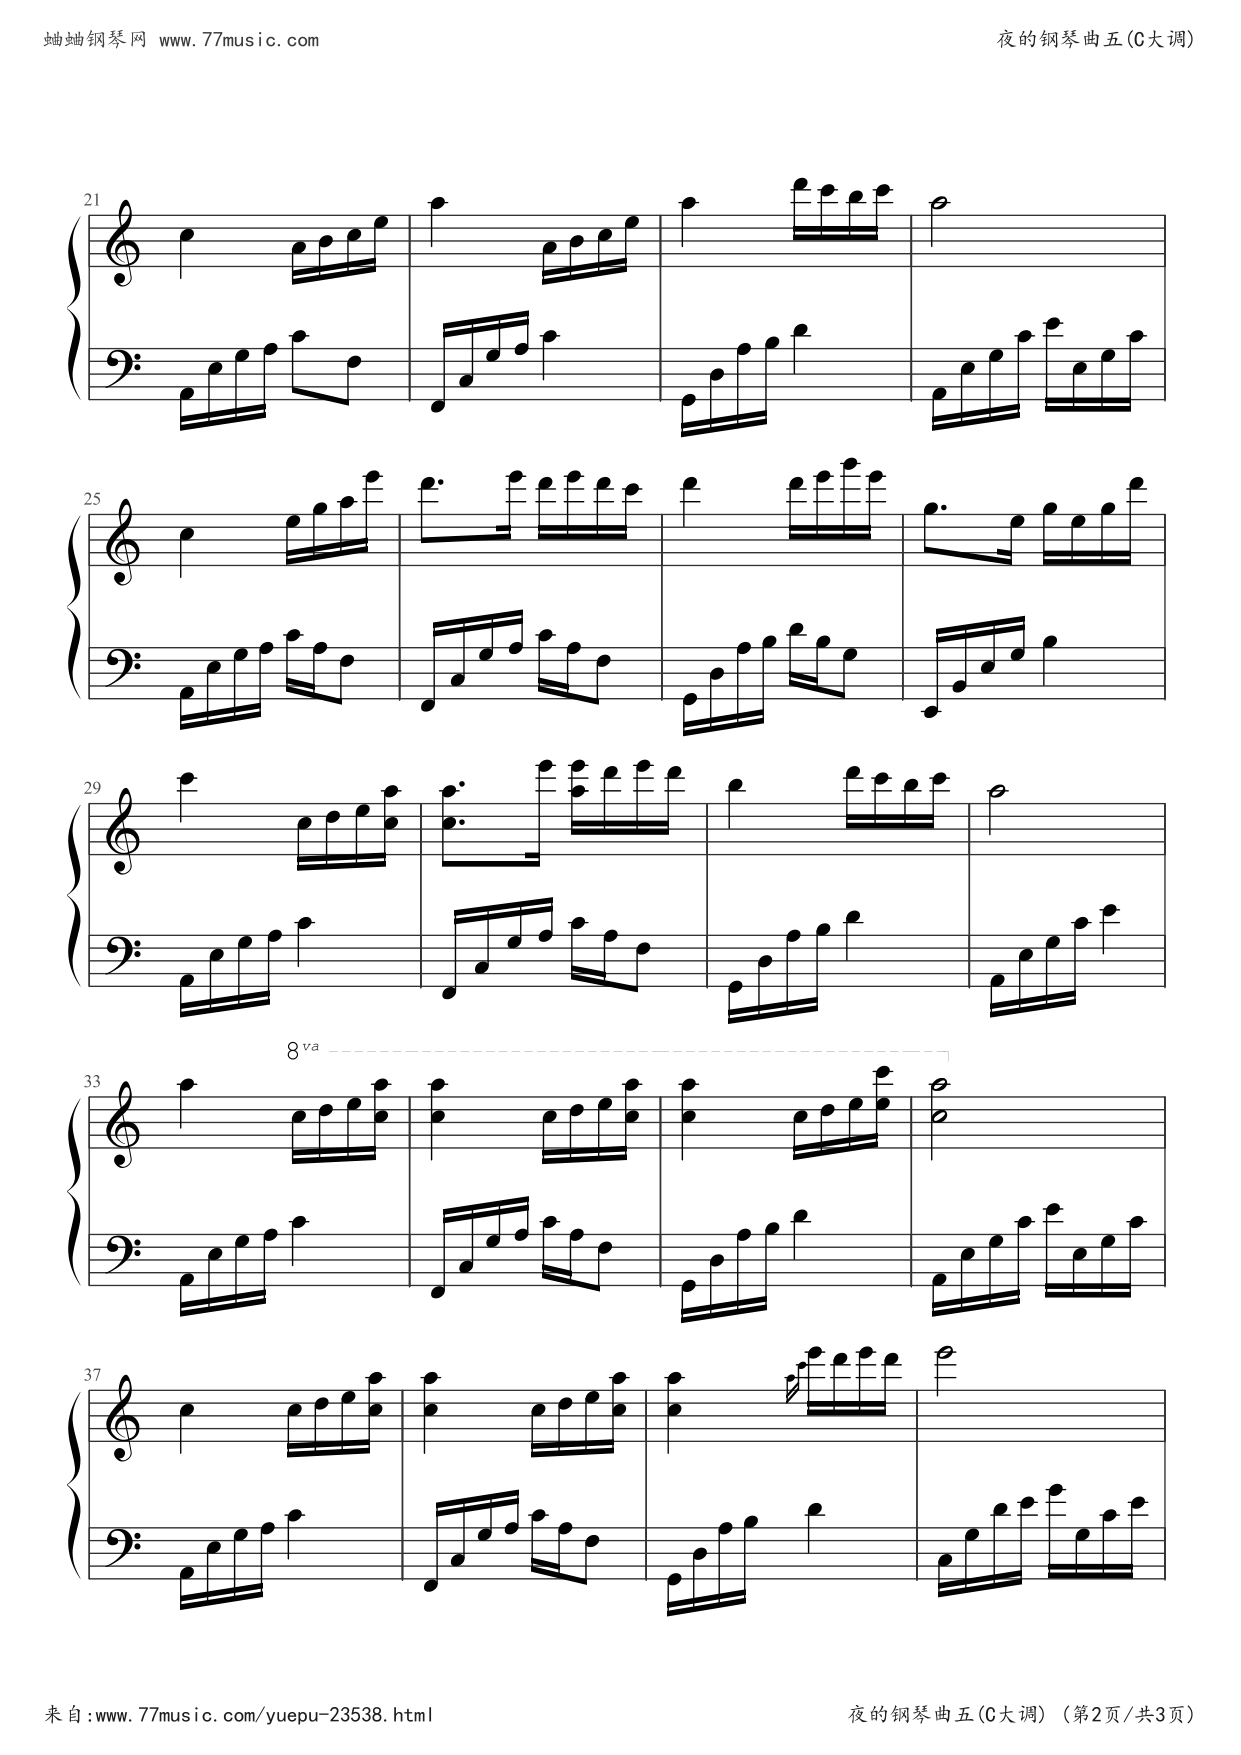 夜的钢琴曲五 钢琴谱图片